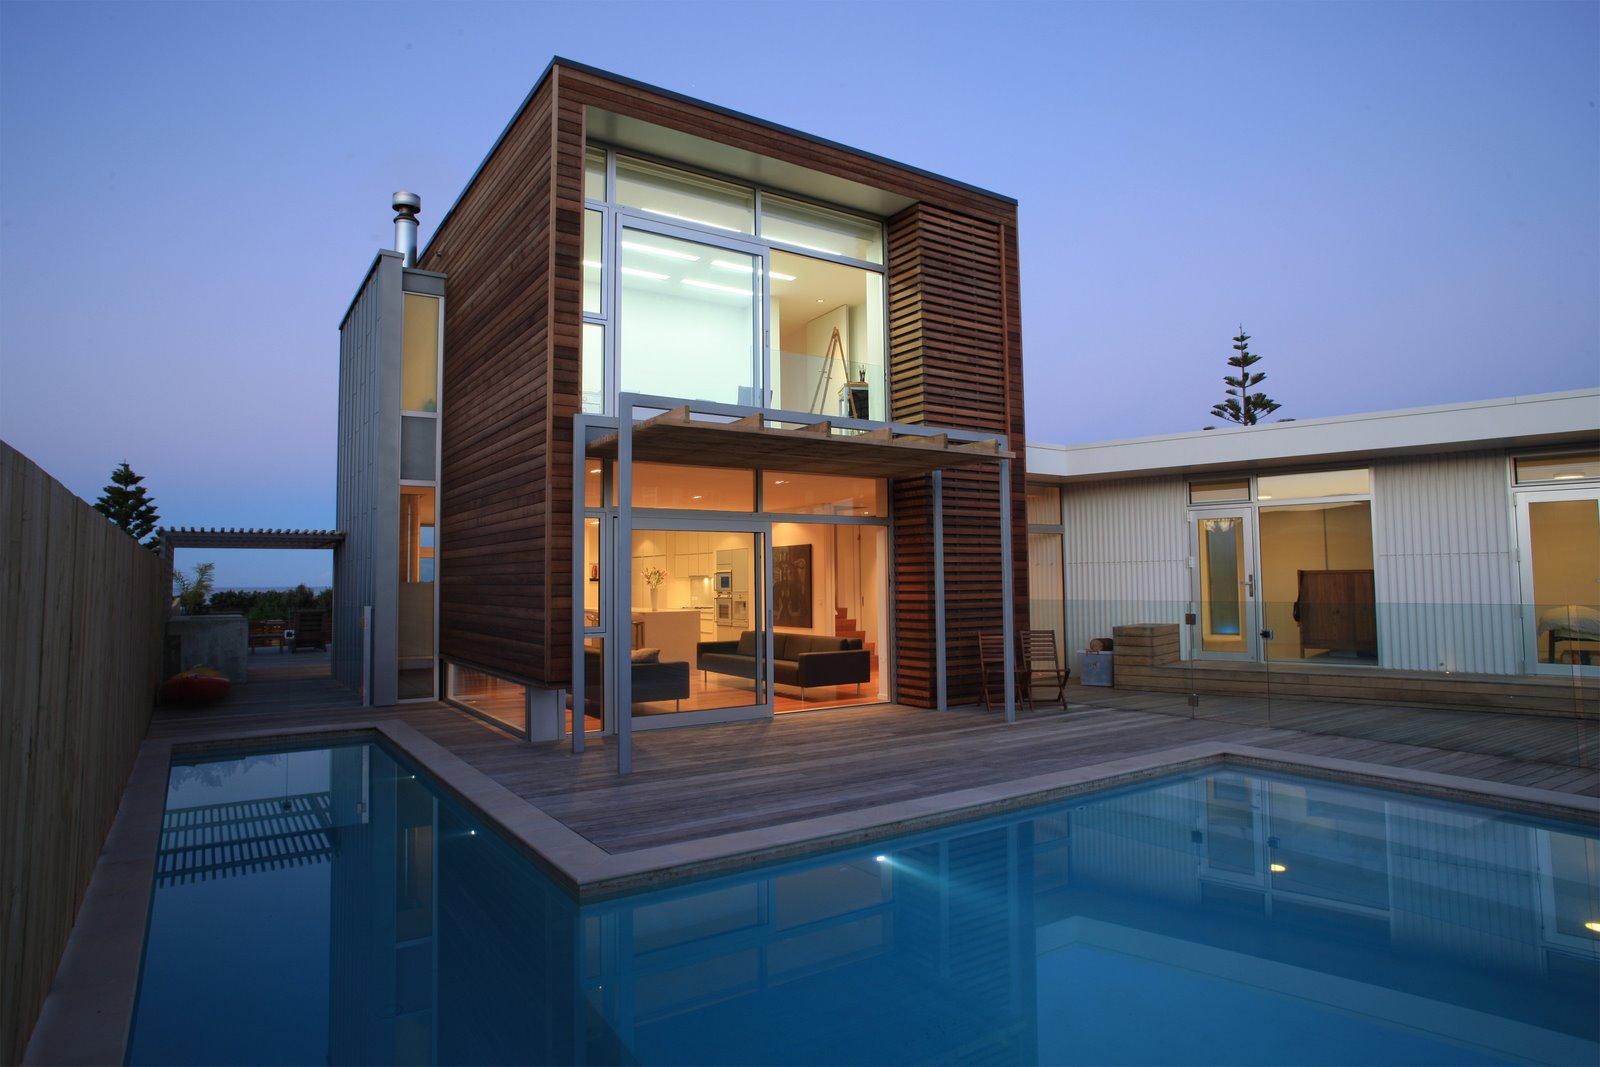 architecture-home-modern-house-design-l-6504c0f14f0e6f7c